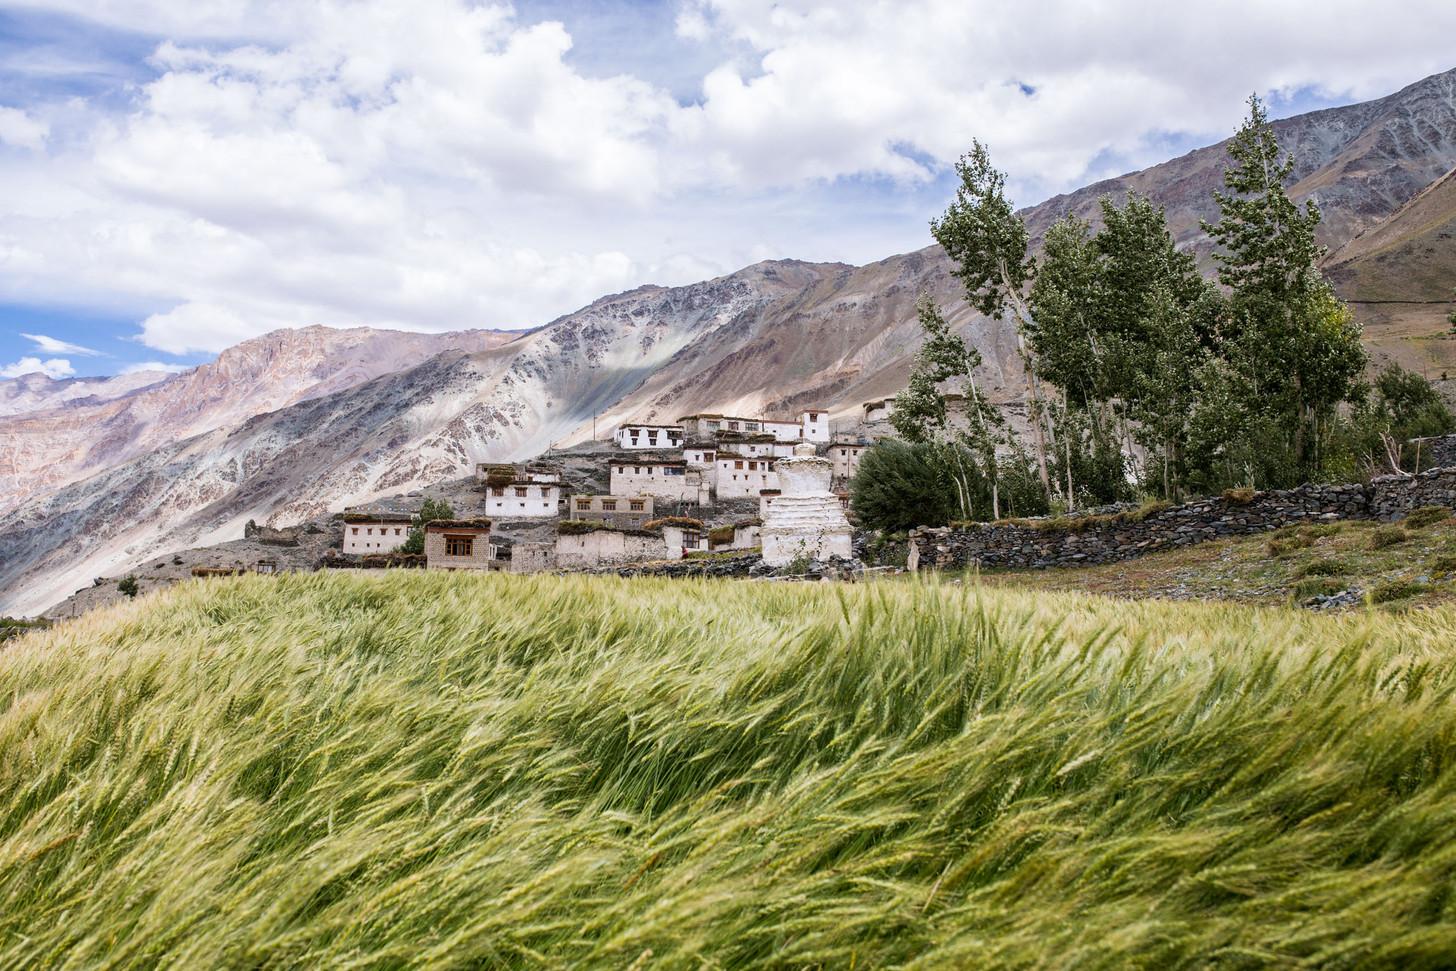 A Himalayan Village